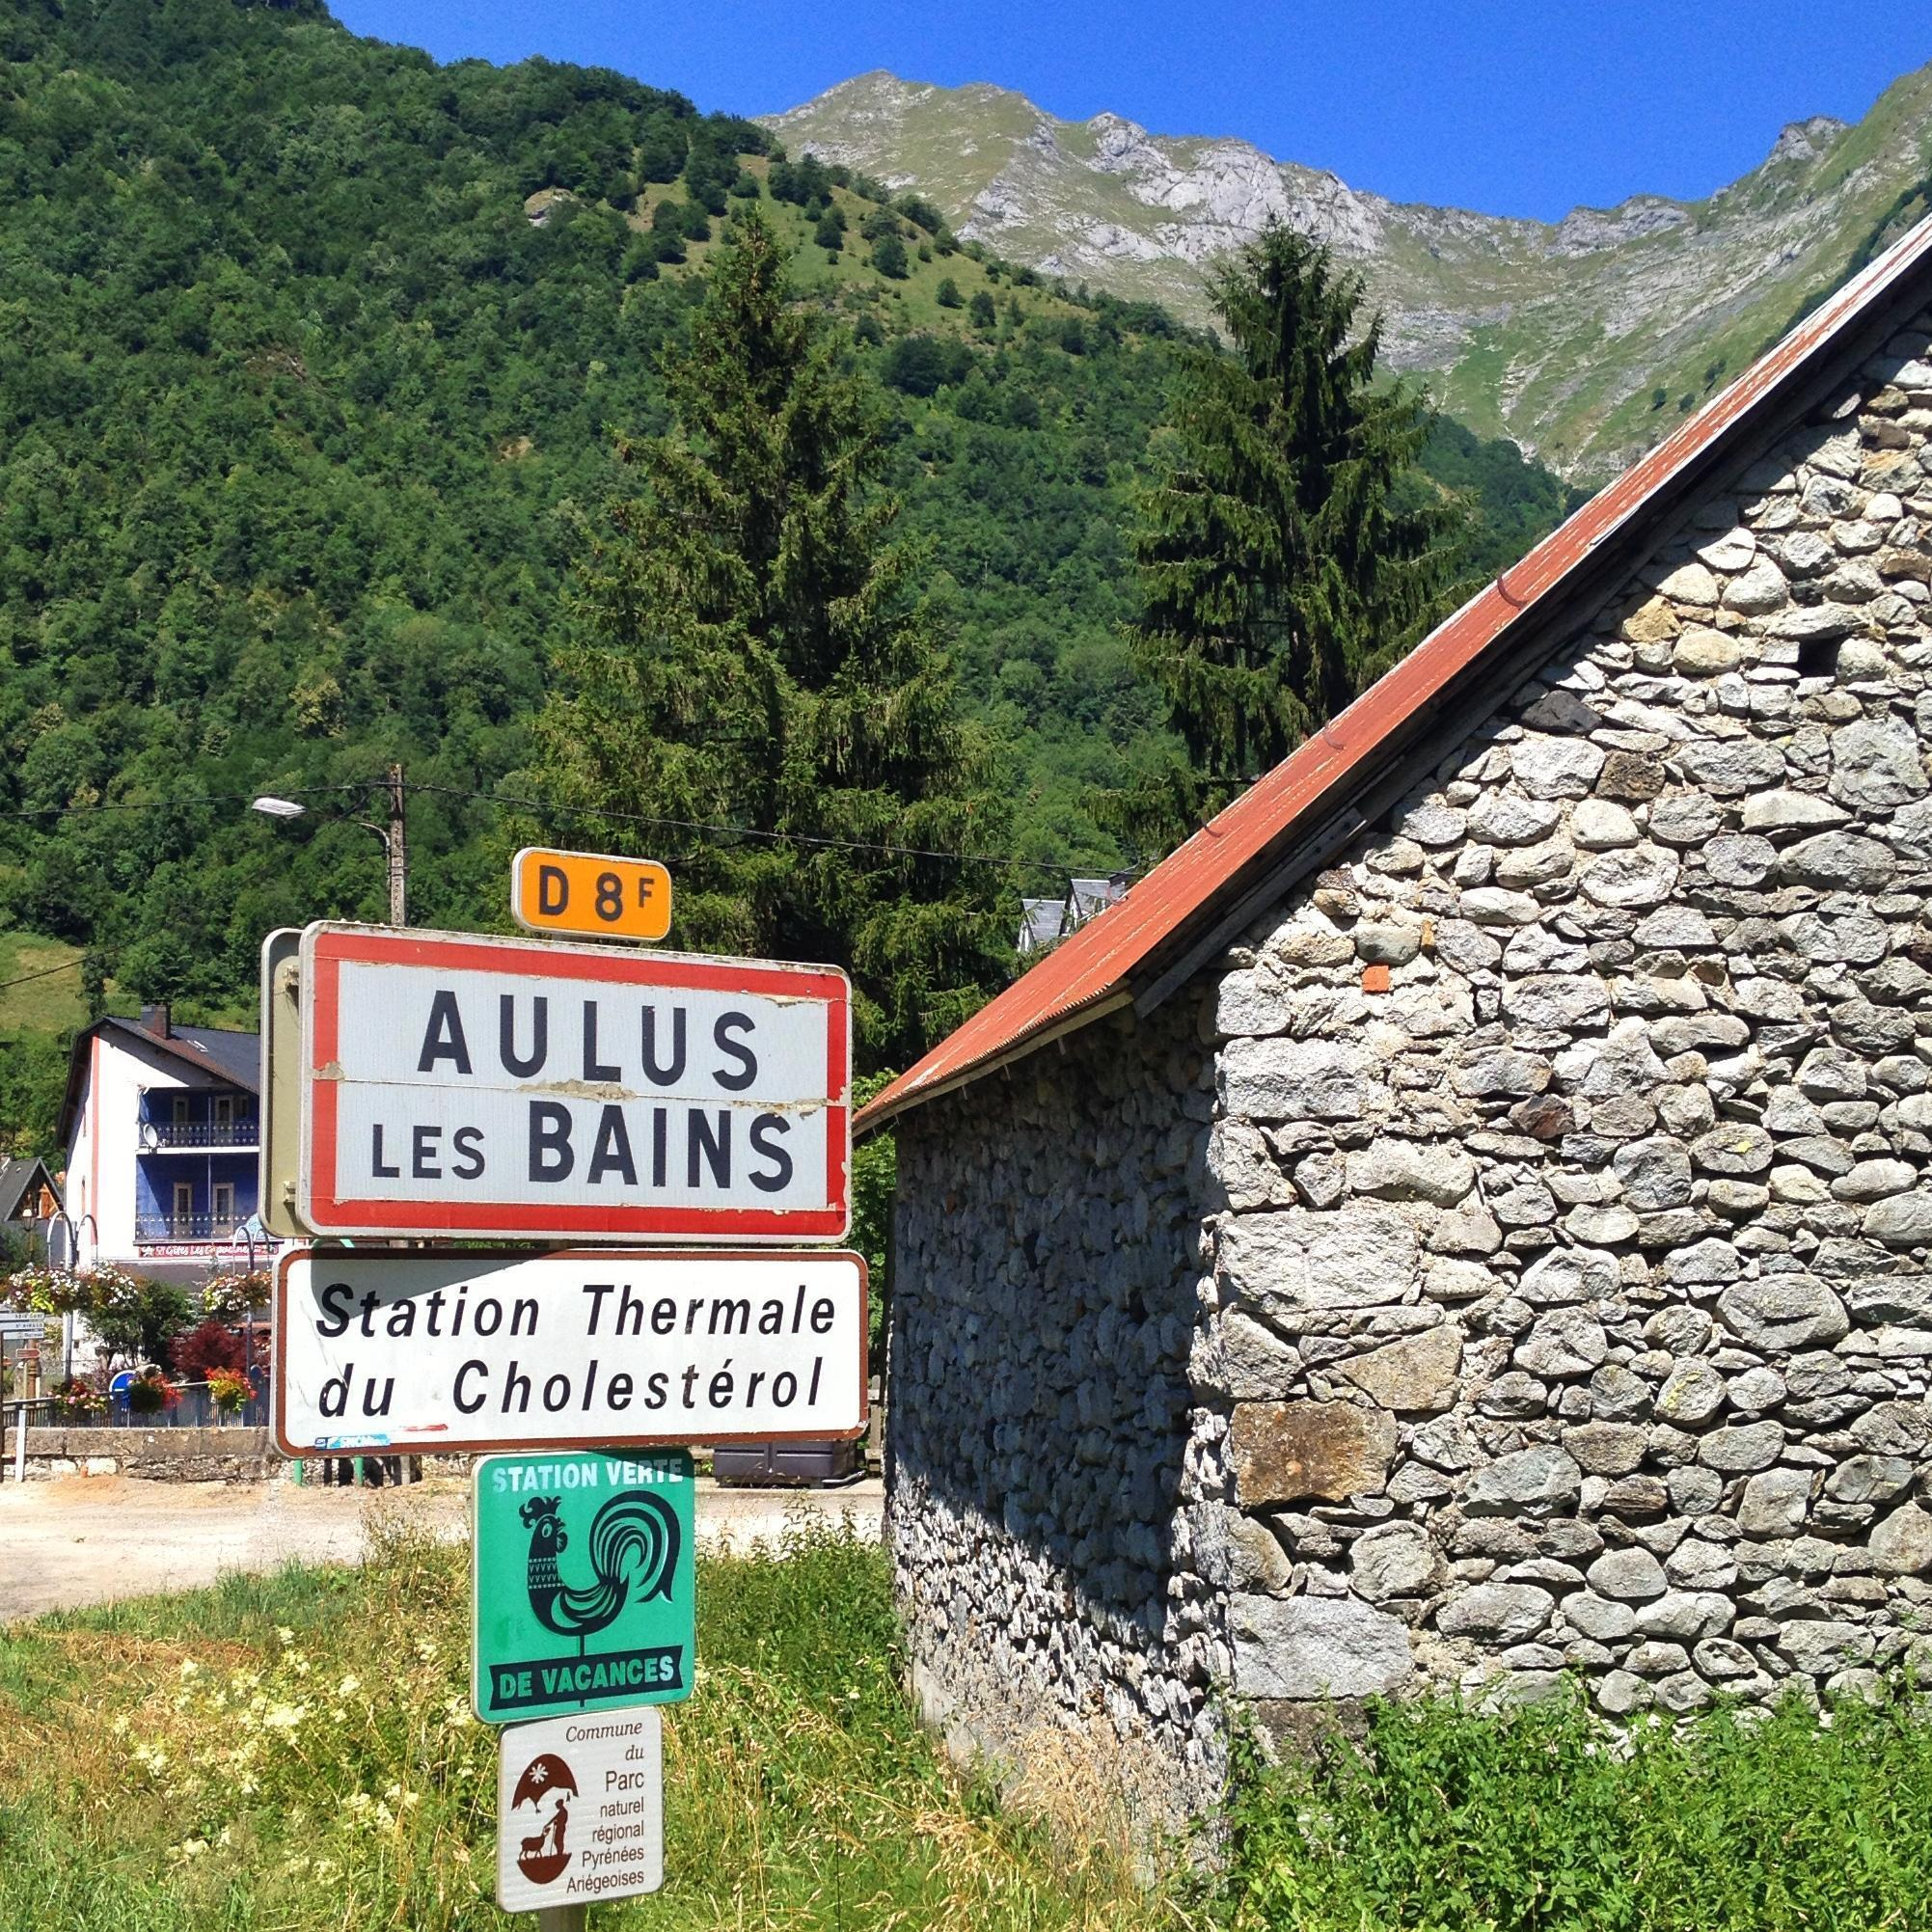 Aulus-les-Bains - Station Thermale du Cholesterol